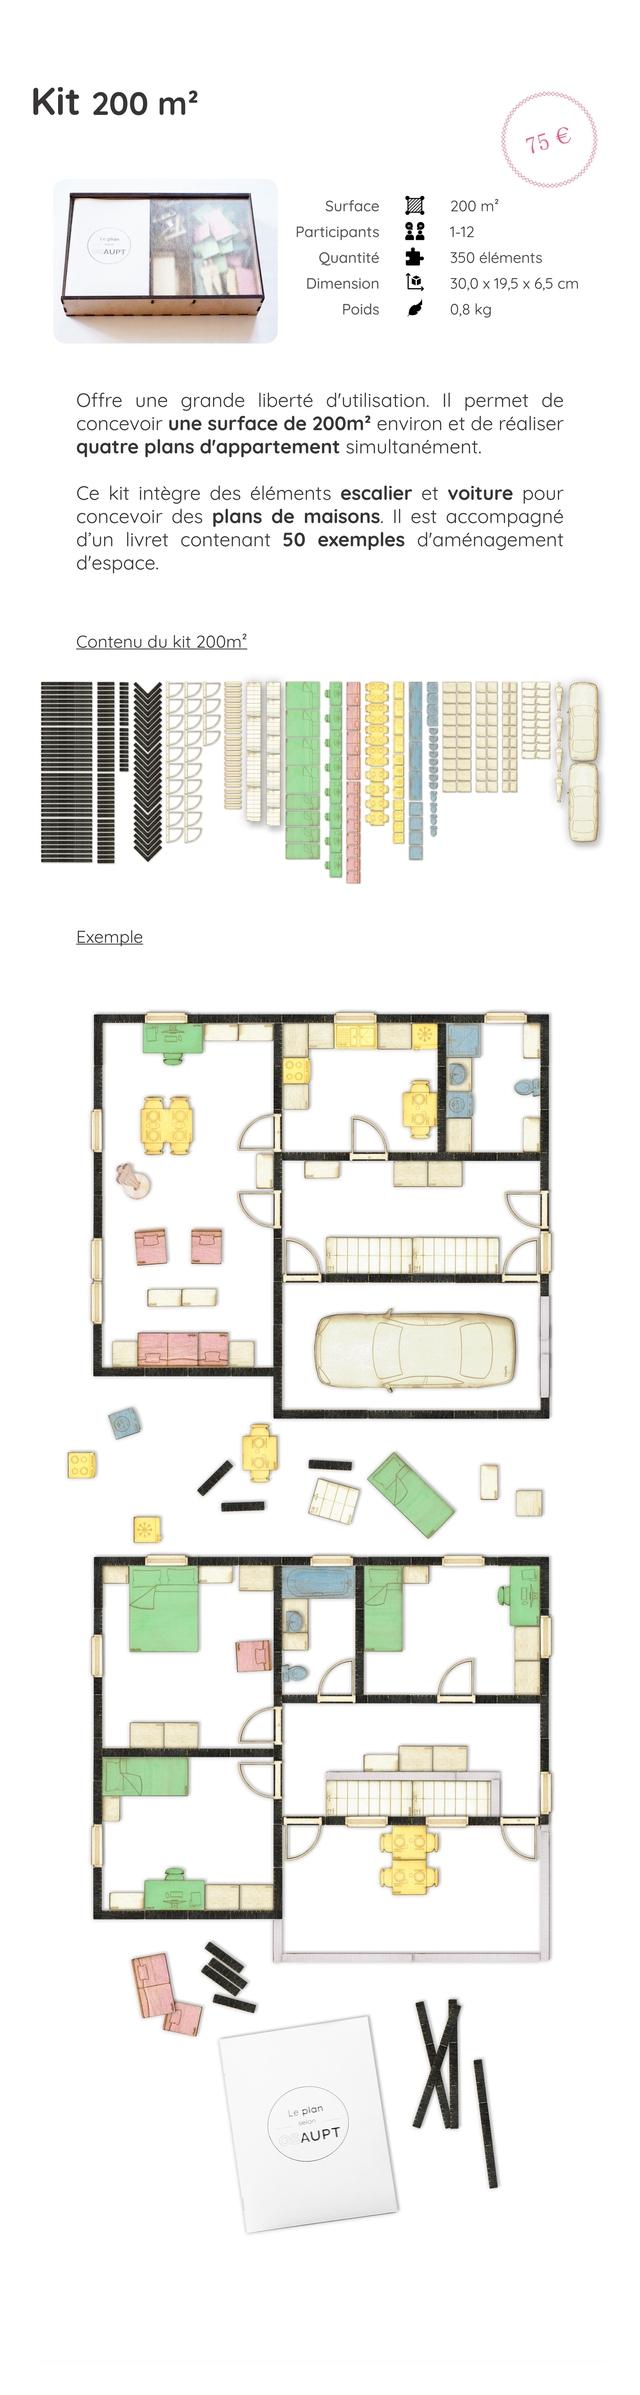 Kit 200 m2 75 Sur rface 200 m? Participants 1-12 Quantite 350 elements Dimension 30,0 x 19,5 x 6.5 cr 30,0 19,5 cm Poids 0,8 kg Offre une grande liberte d'utilisation. II permet de concevoir une surface de 200m2 environ et de realiser quatre plans d'appartement simultanement. Ce kit integre des elements escalier et voiture pour concevoir des plans de maisons. II est accompagne d'un livret contenant 50 exemples d'amenagement d'espace. Contenu du kit 200m2 Exemple X e plon AUPT